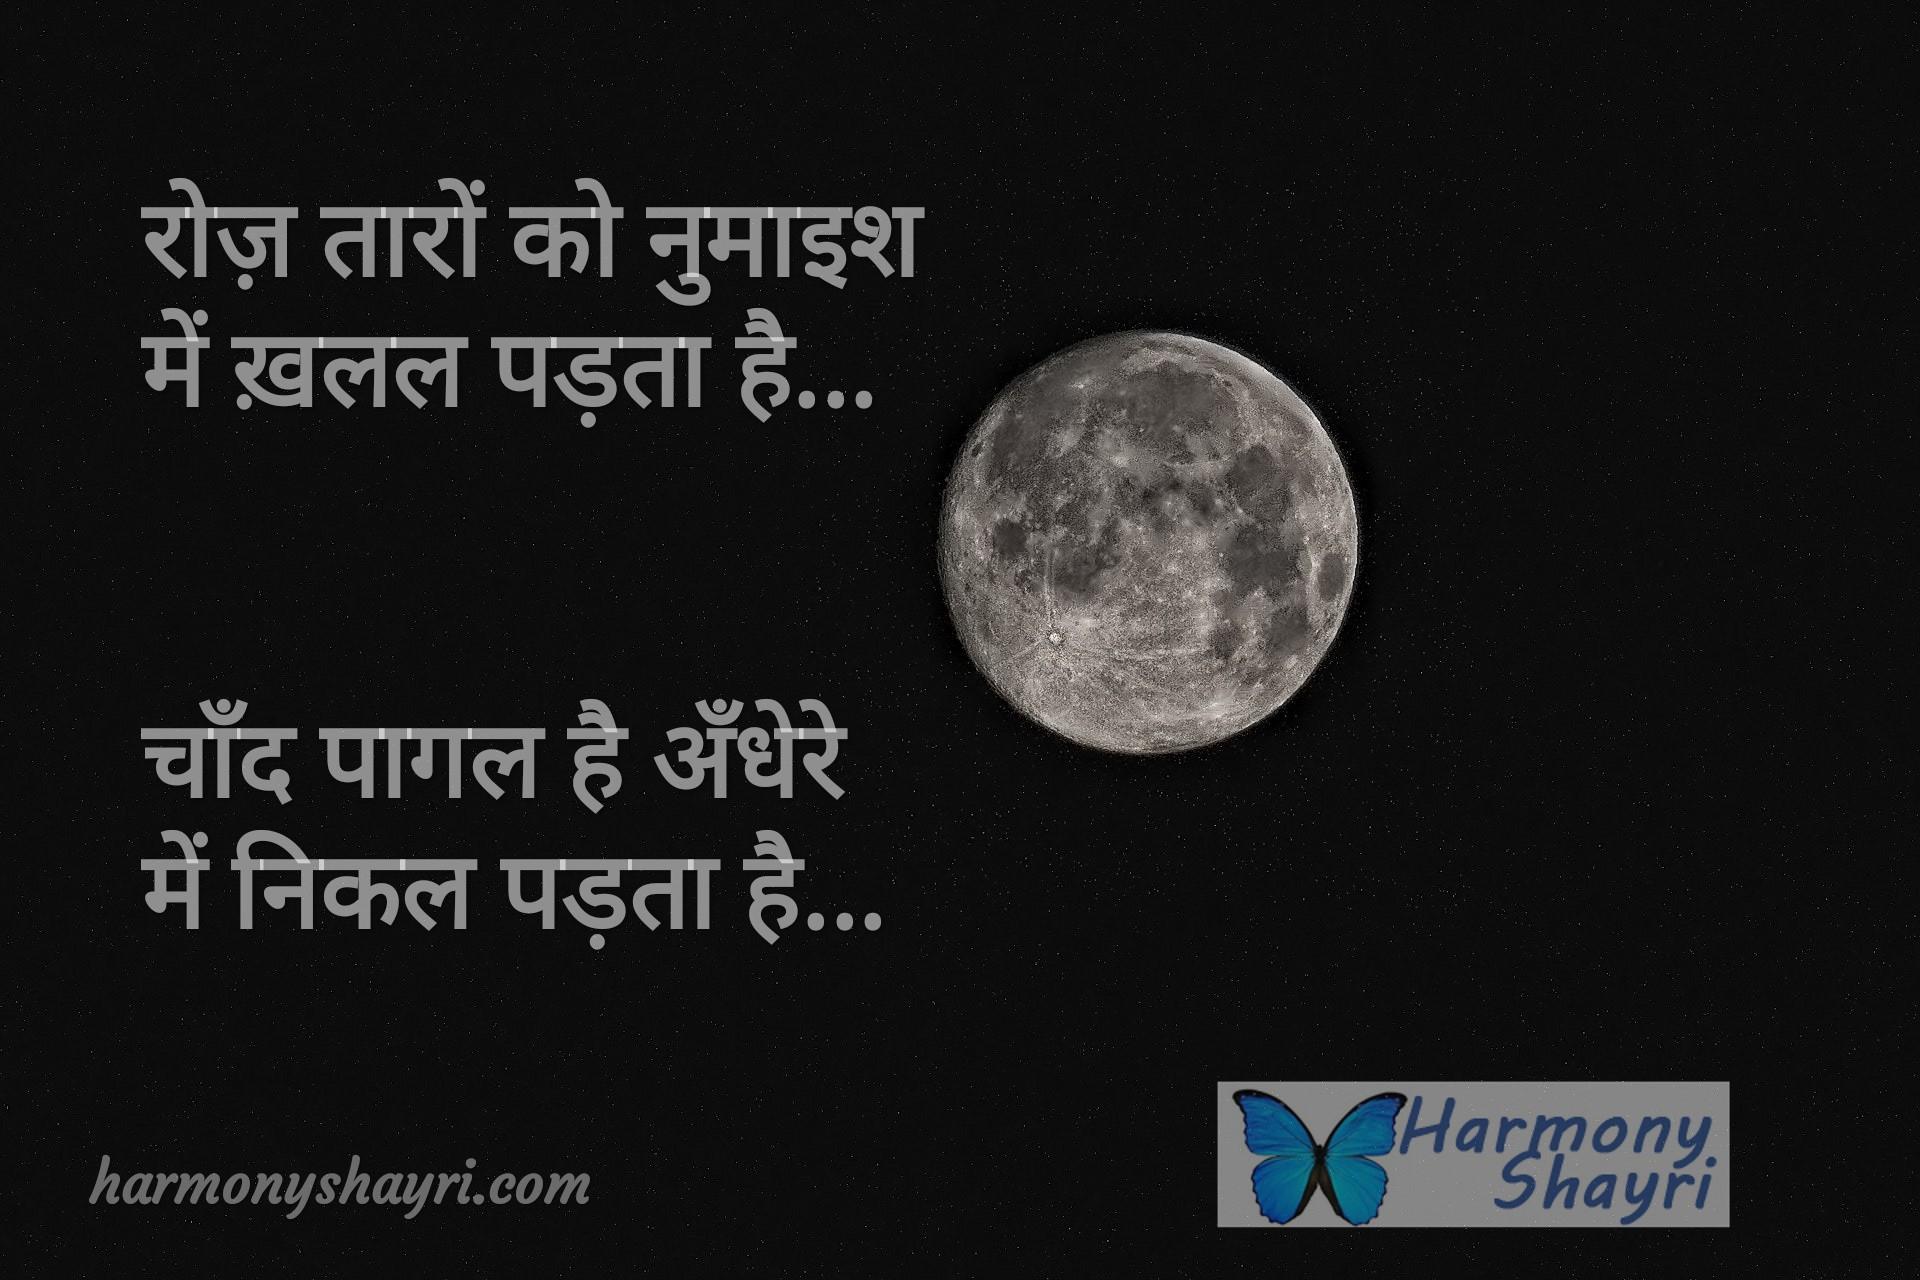 Chand pagal hai    - Top Hindi Shayari Collection, Famous